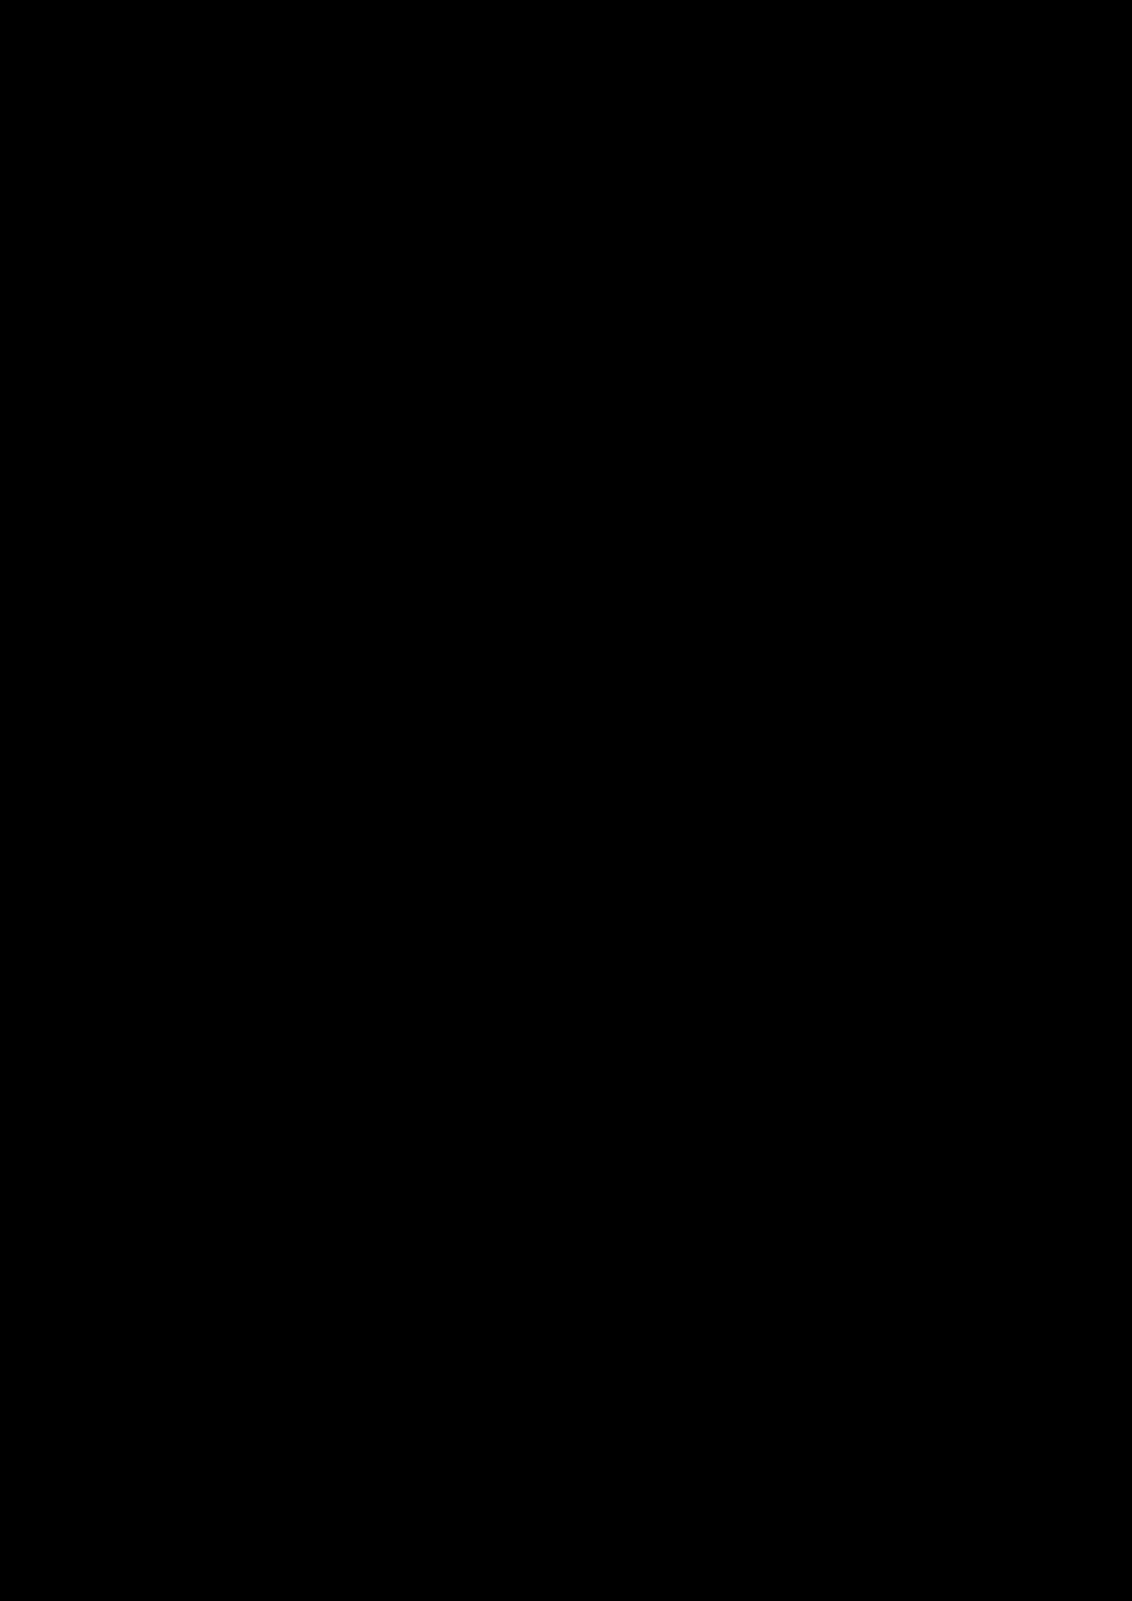 Vyibor Est slide, Image 19